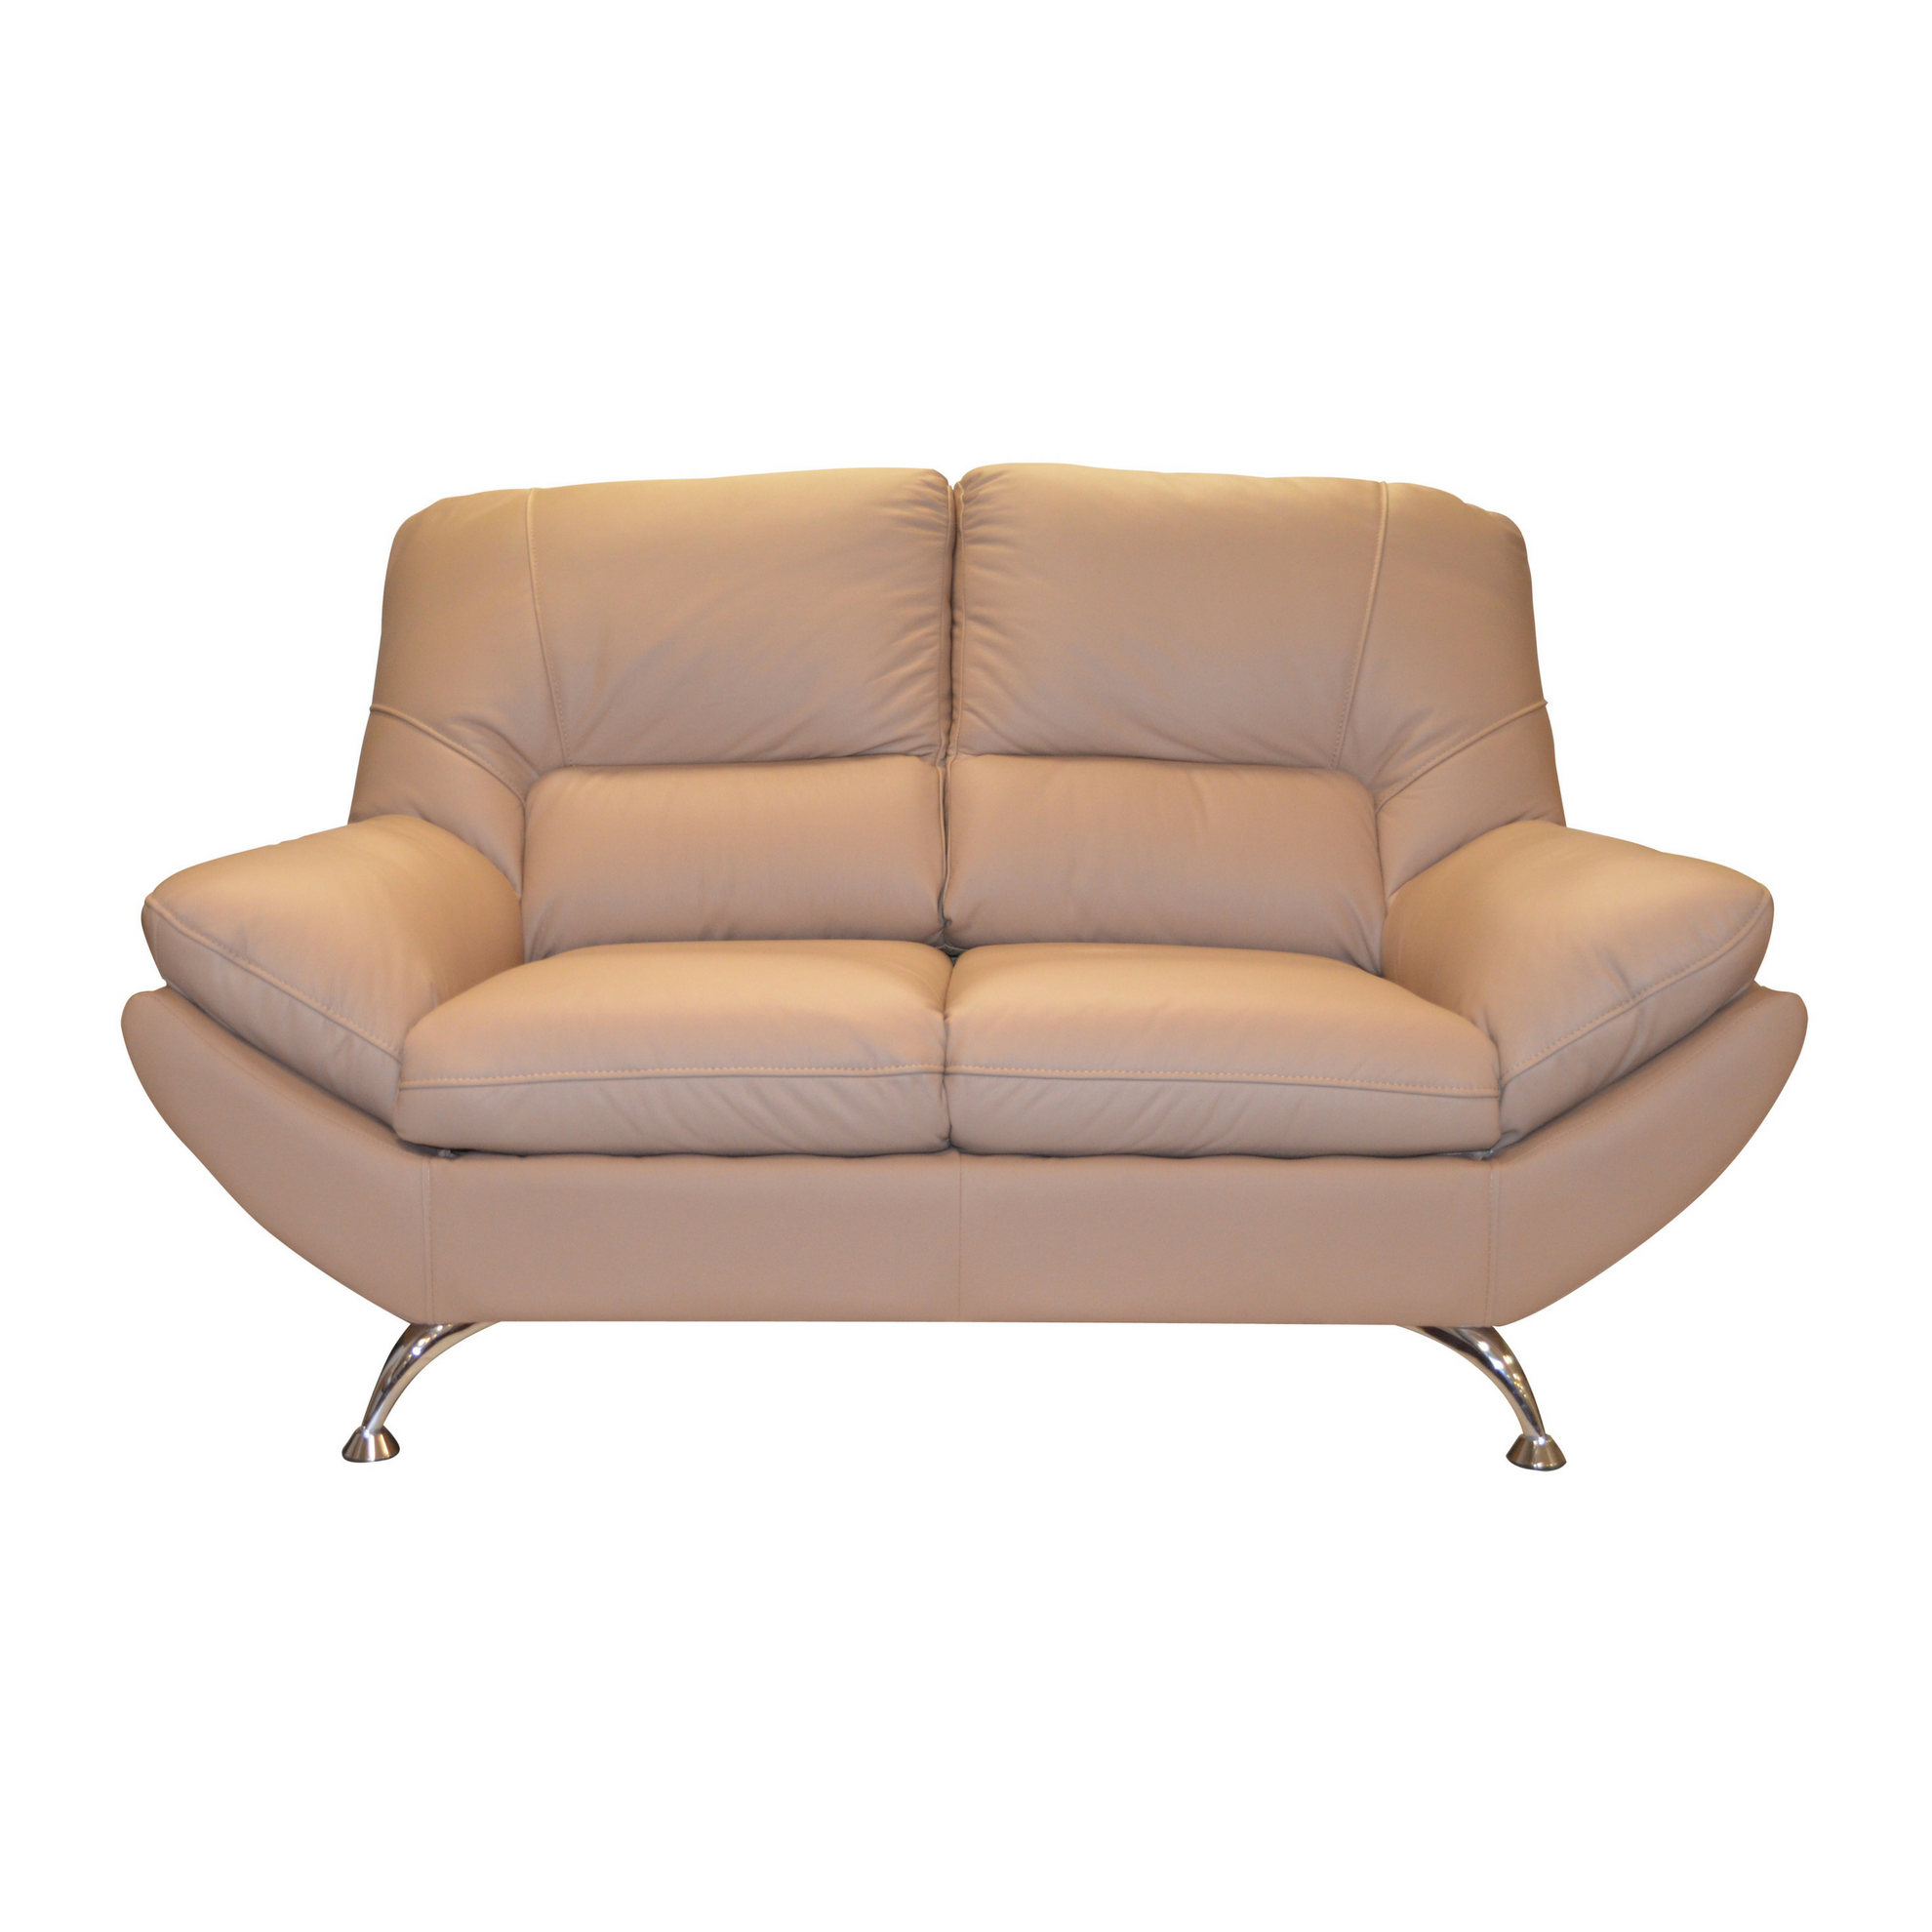 Silica 2 seat Sofa 3